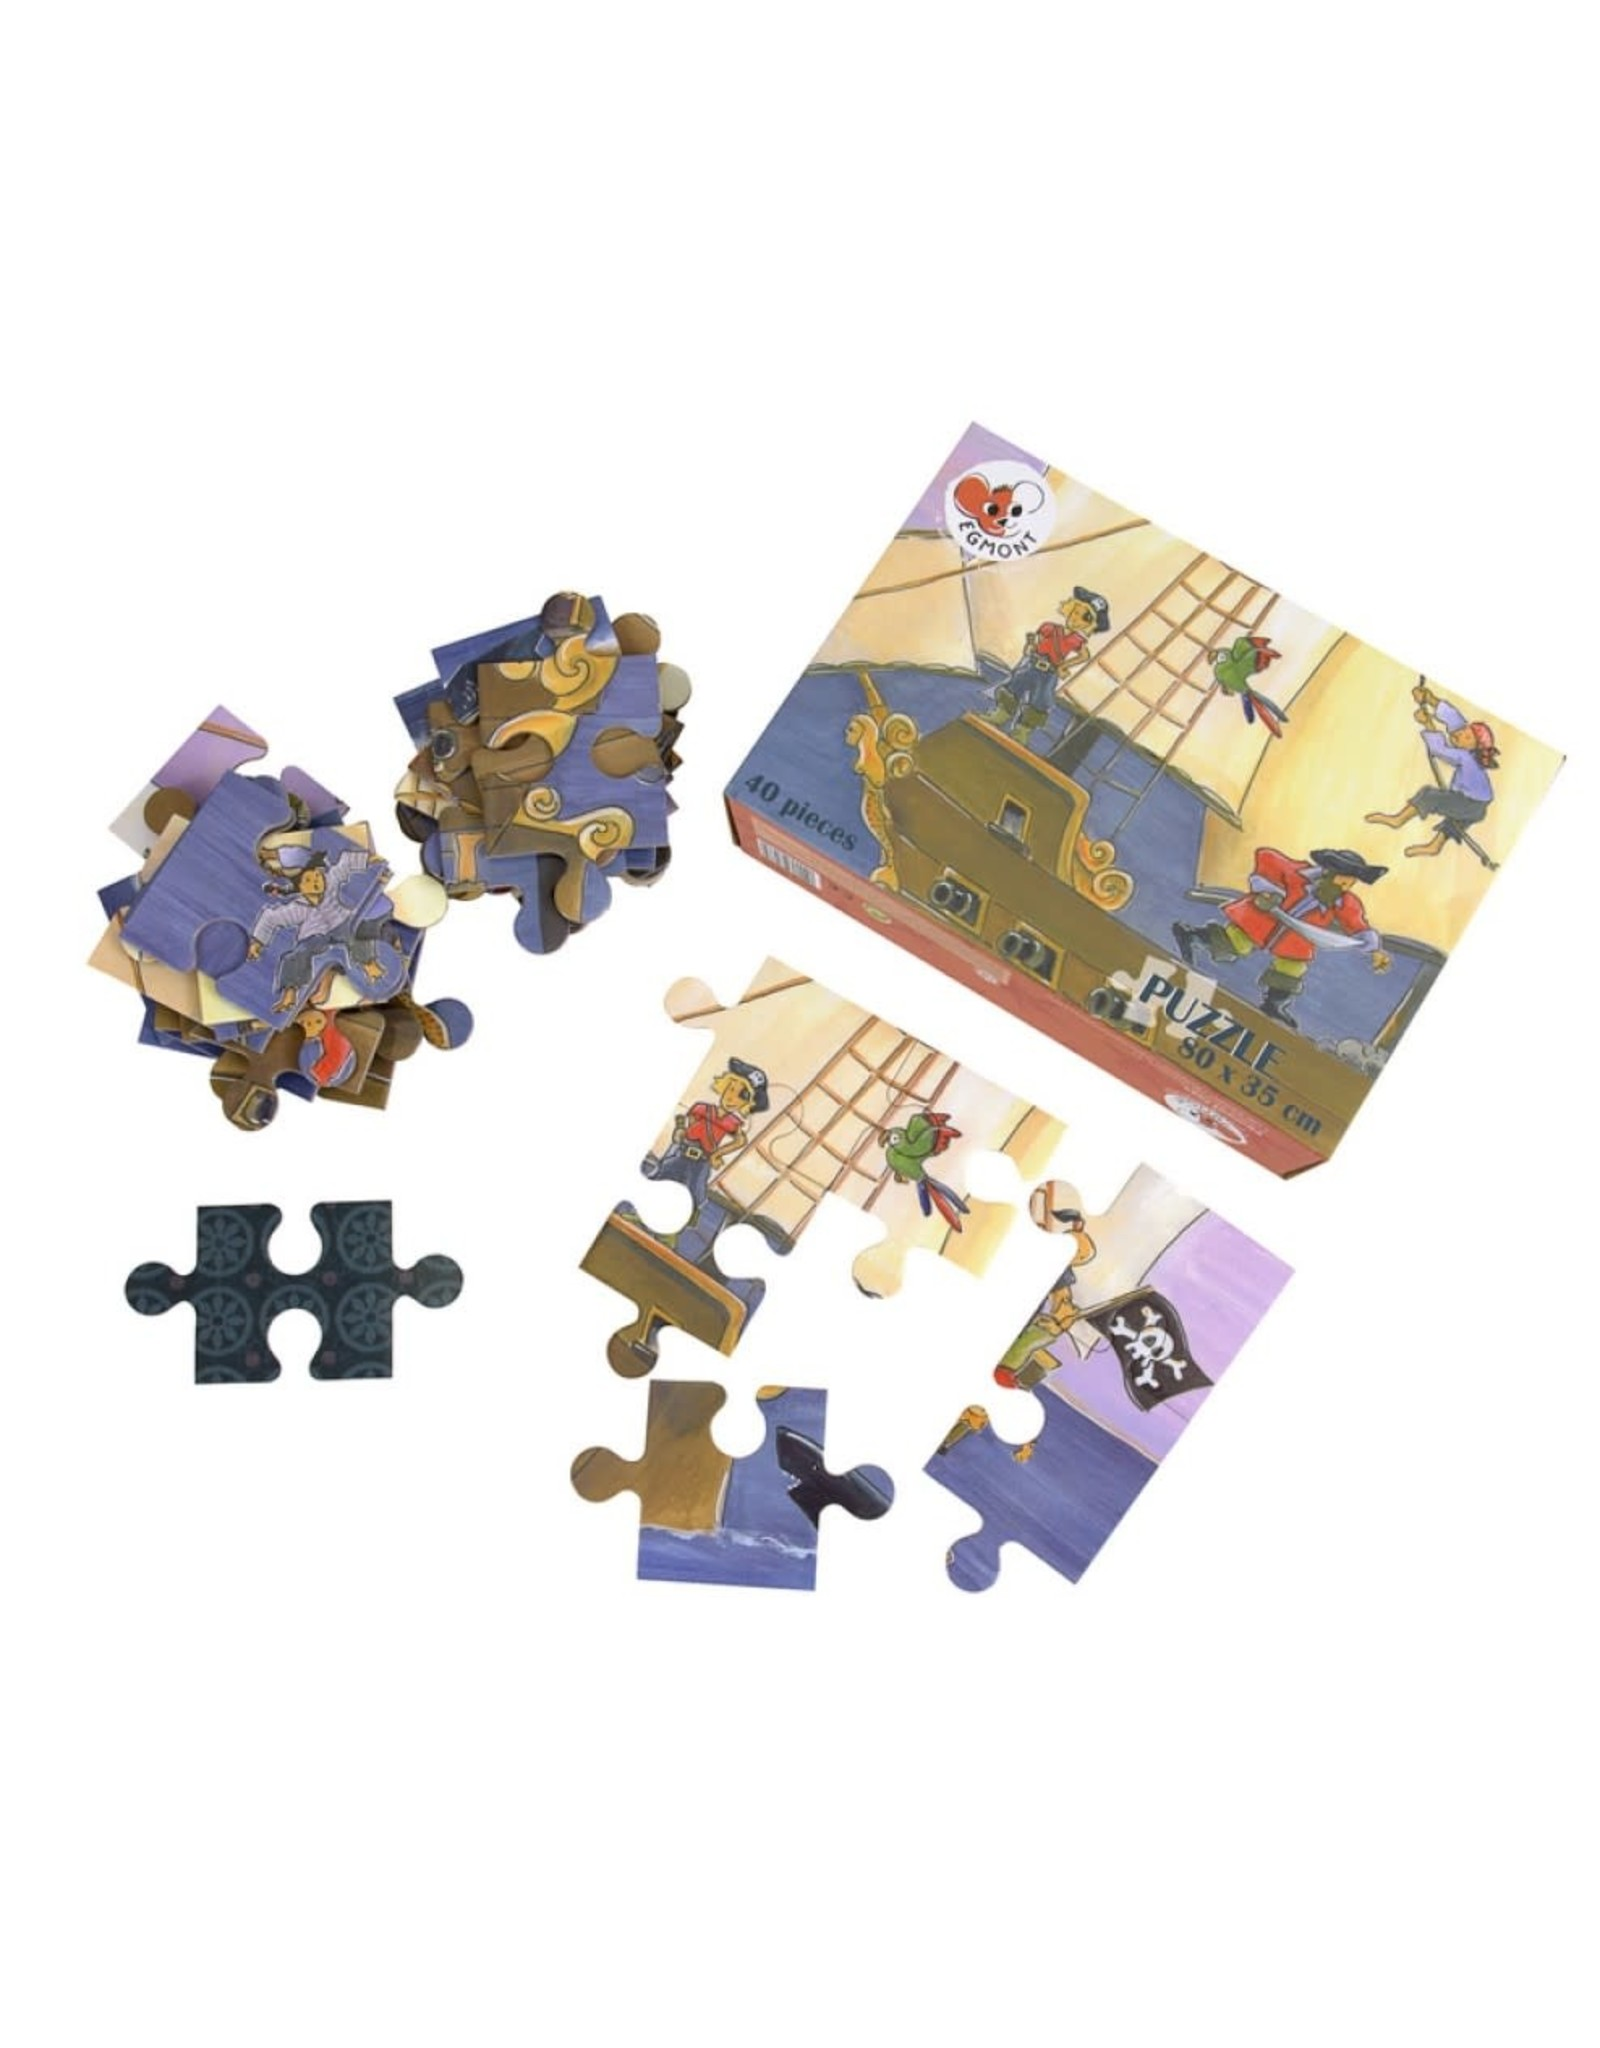 Egmont 6 Floor Puzzle 40 pcs in a case Pirate